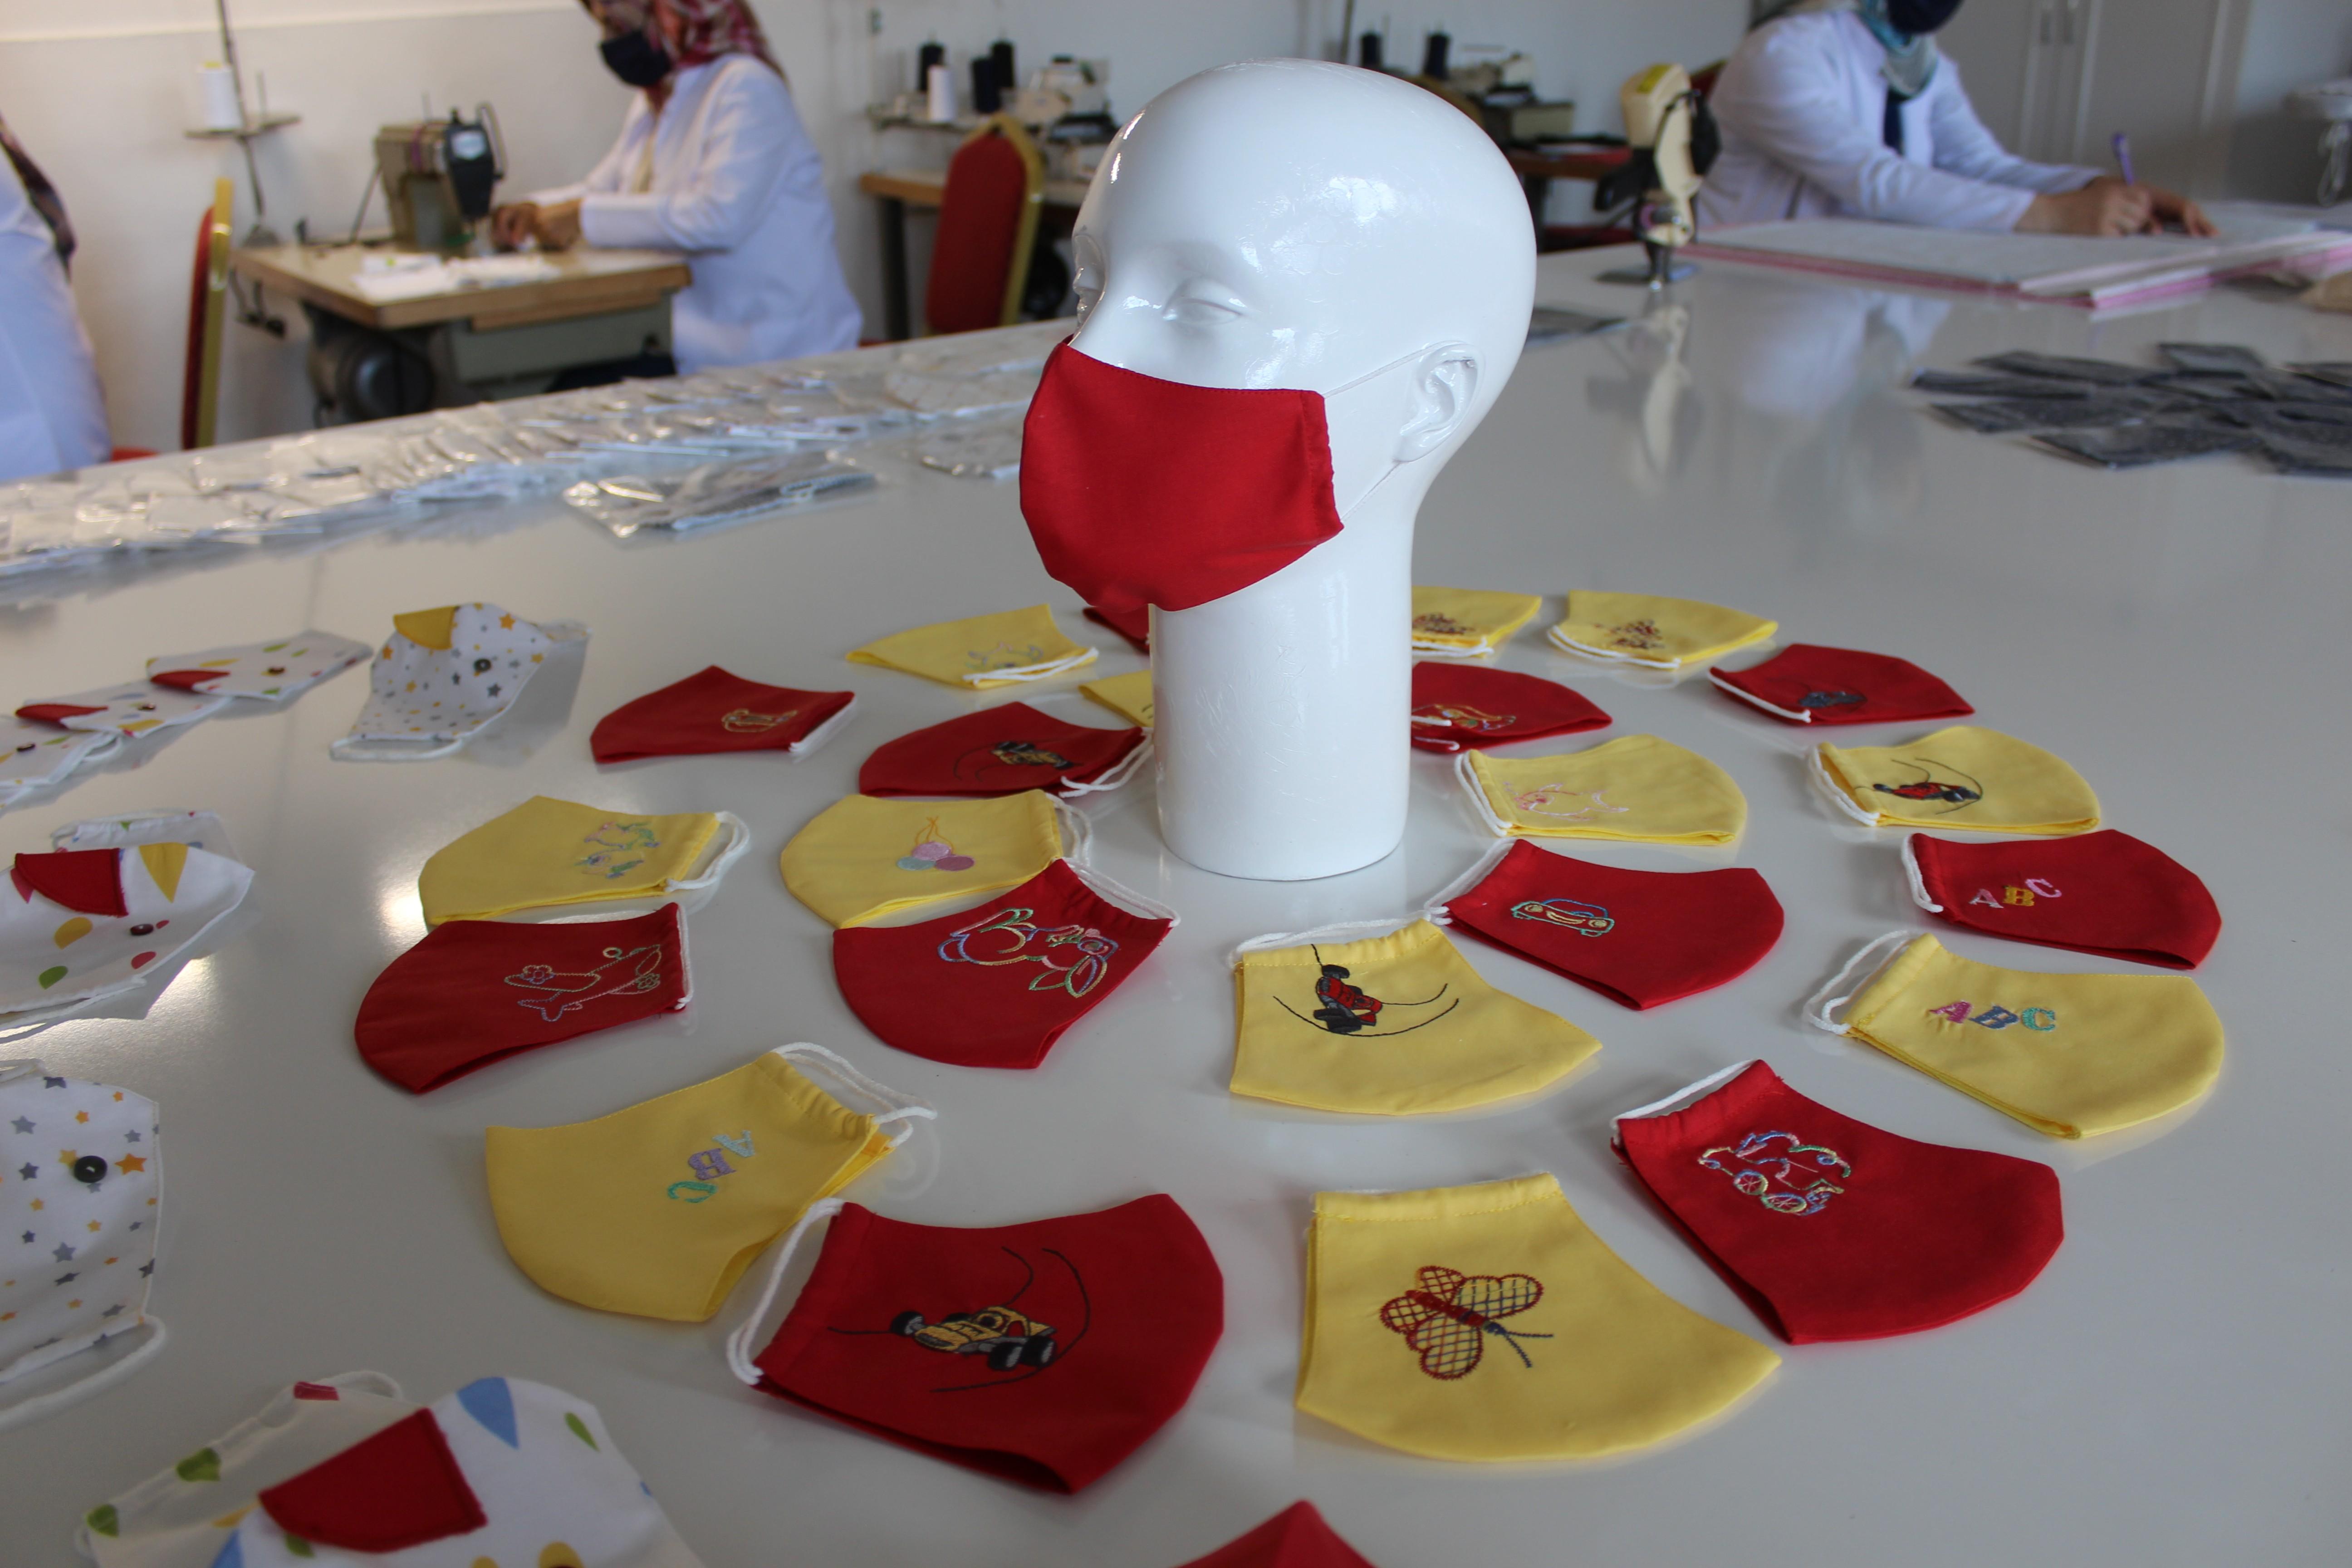 Yetişkin ve çocuklar için farklı modellerde maske üretiyorlar